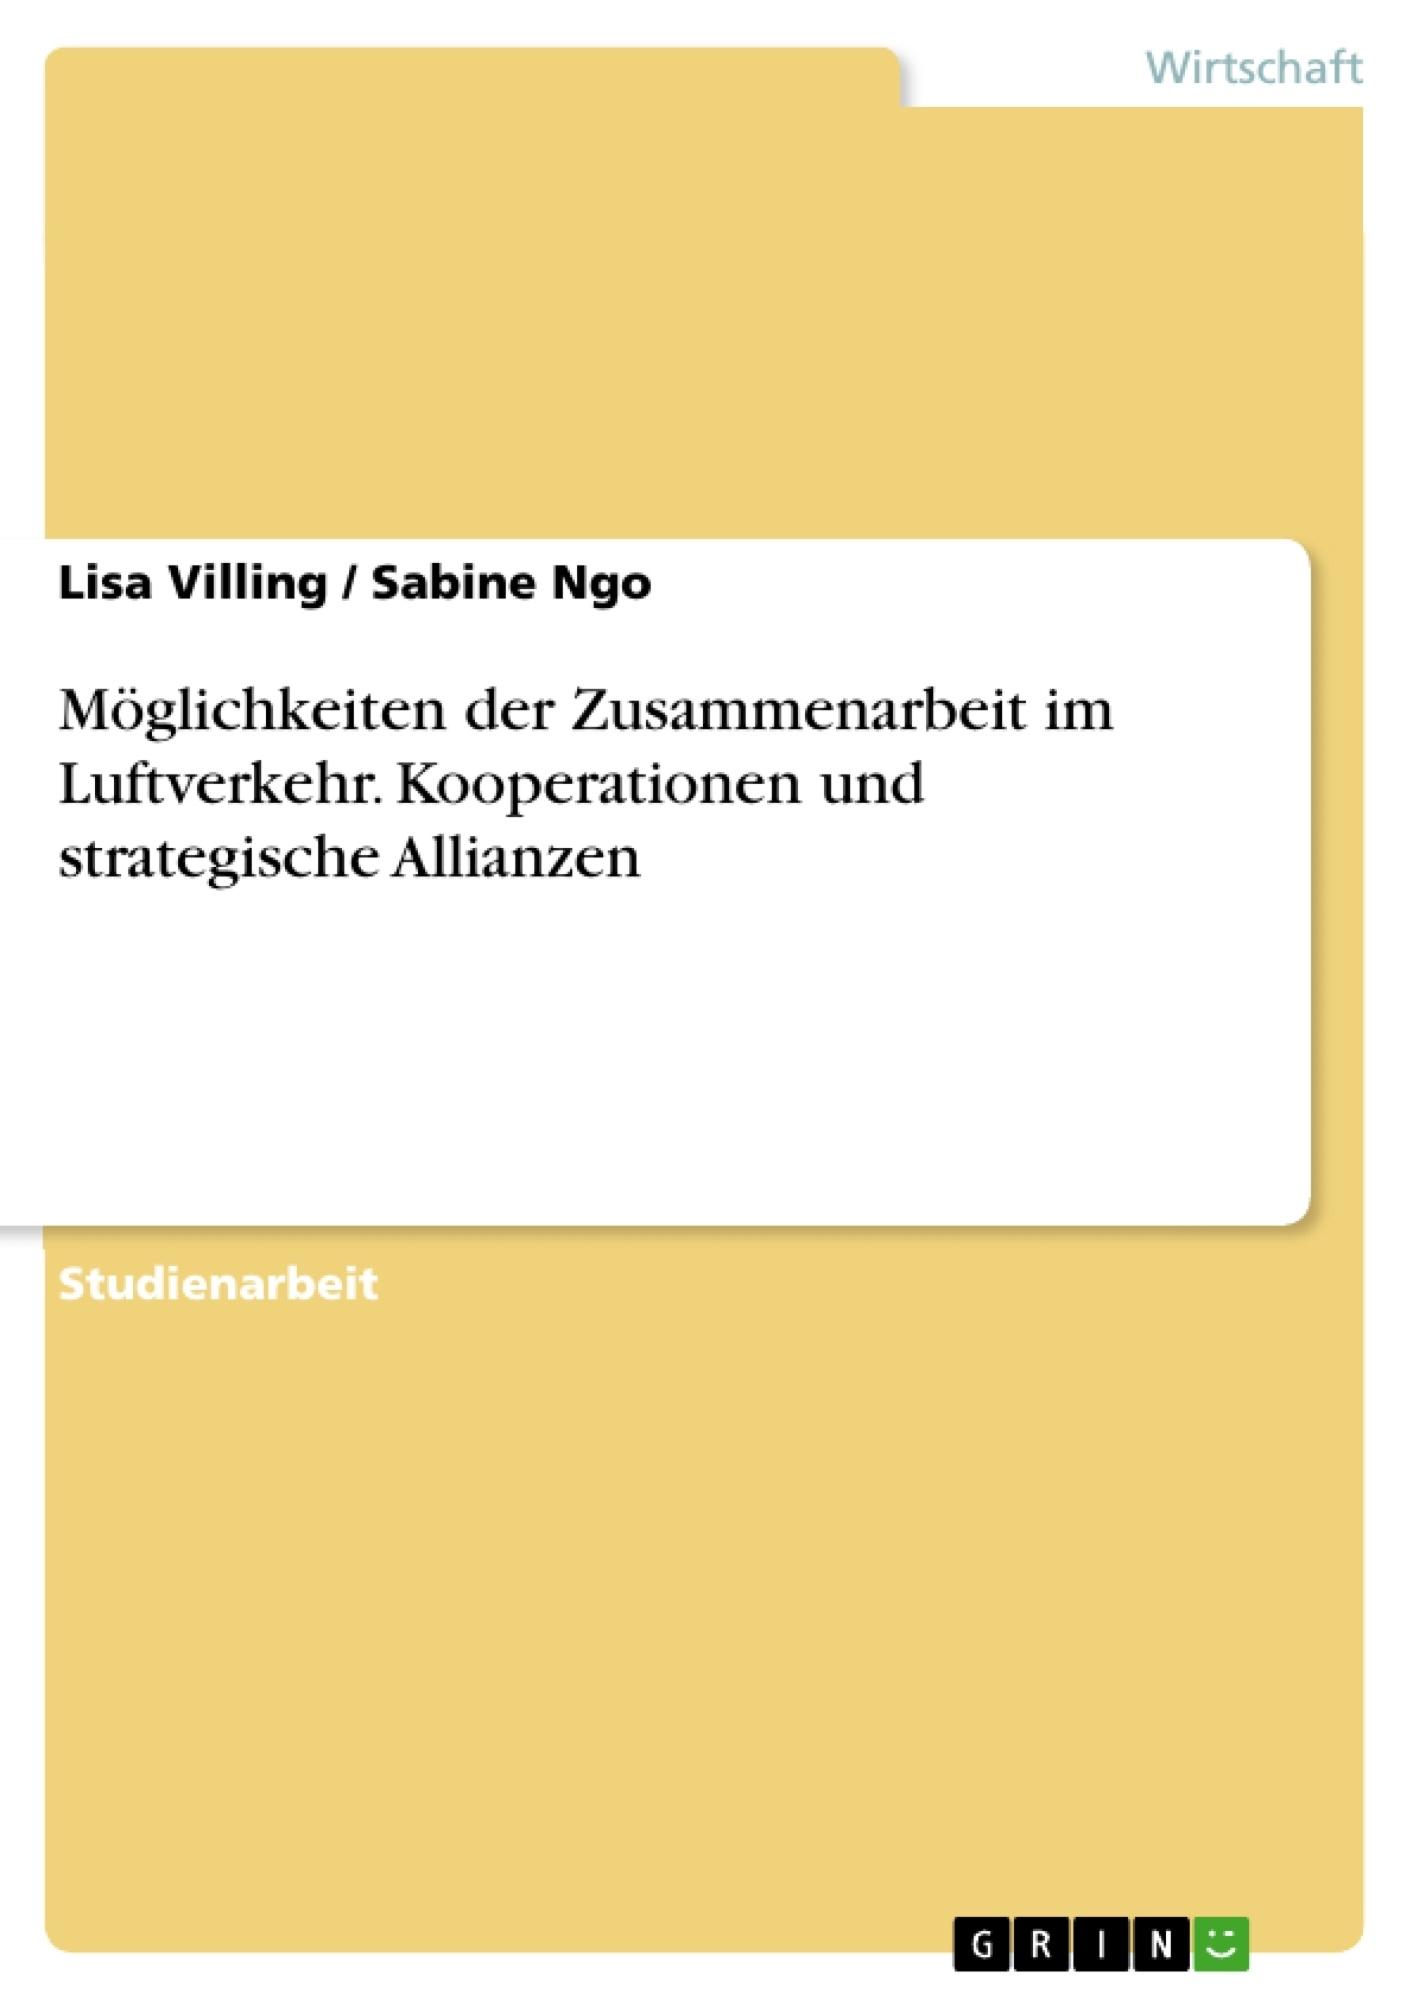 Titel: Möglichkeiten der Zusammenarbeit im Luftverkehr. Kooperationen und strategische Allianzen